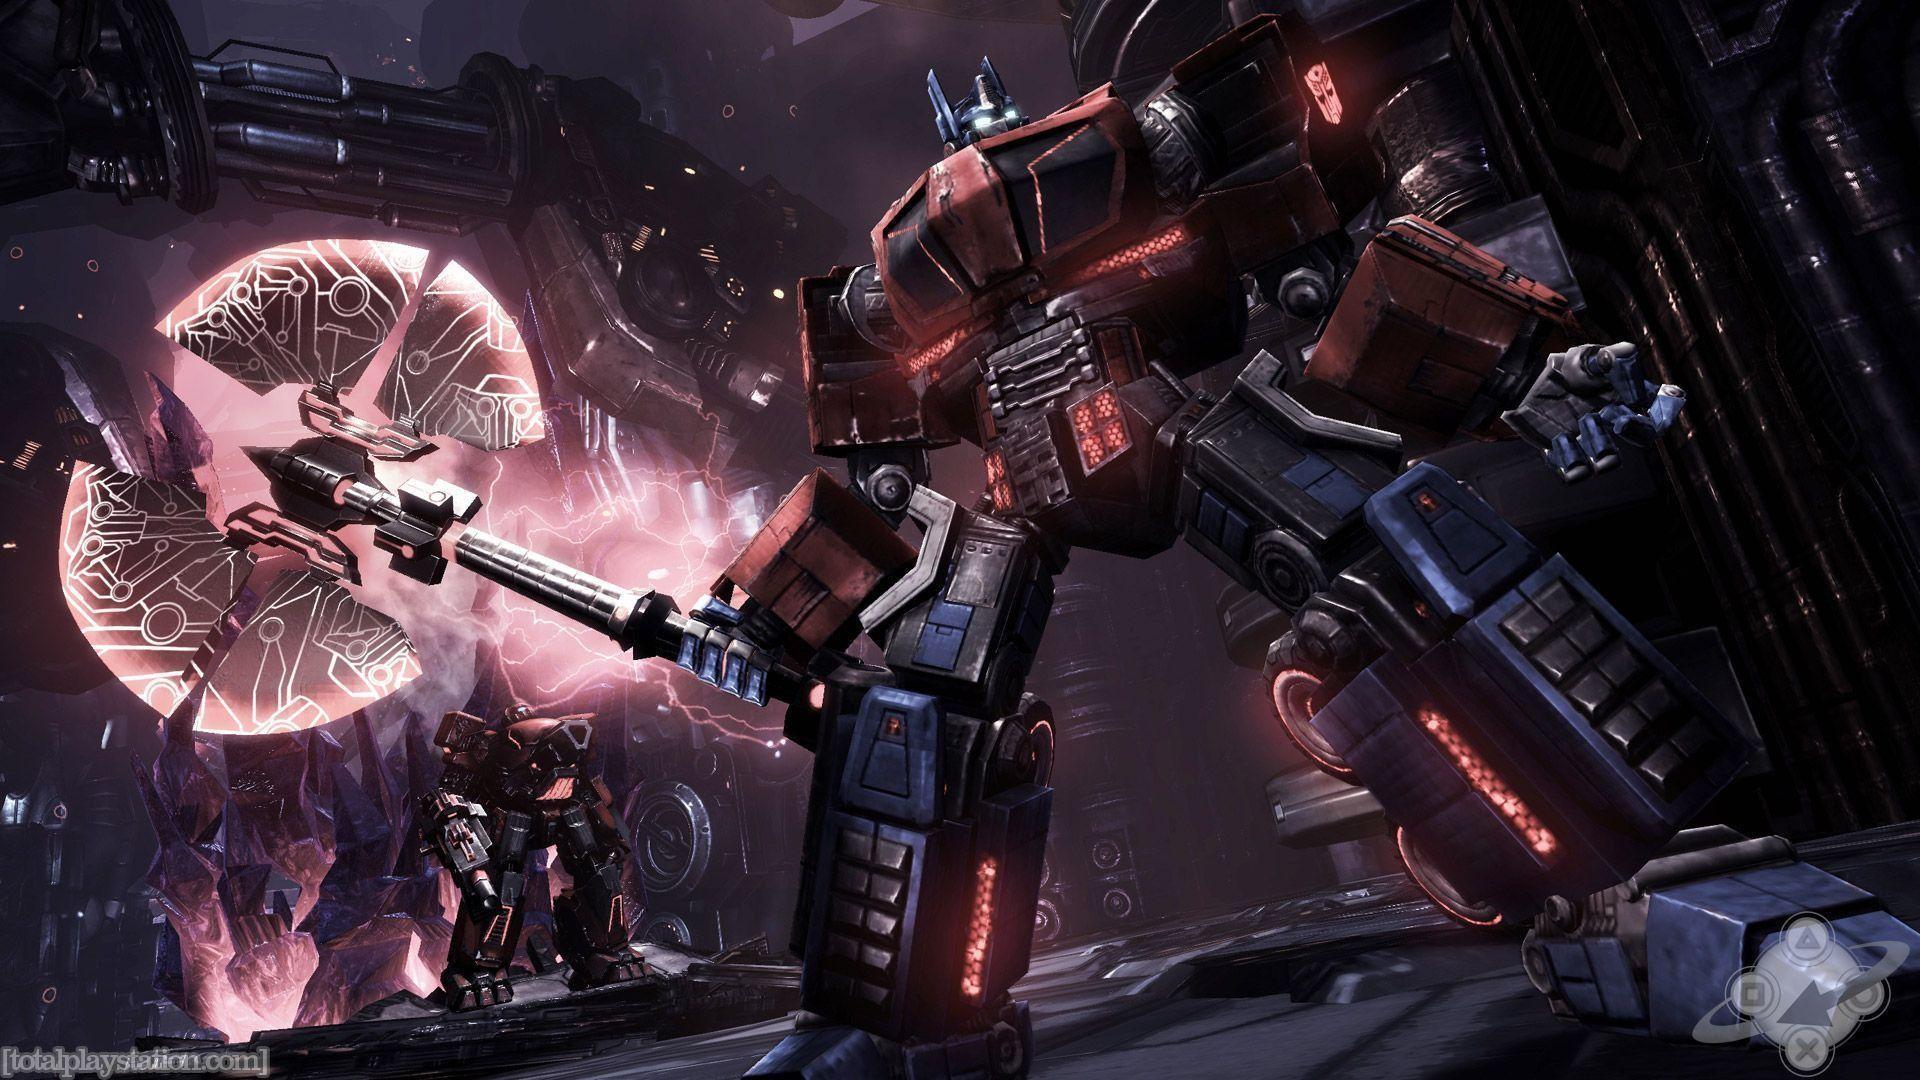 Transformers Cybertron Wallpaper Wallpapertag